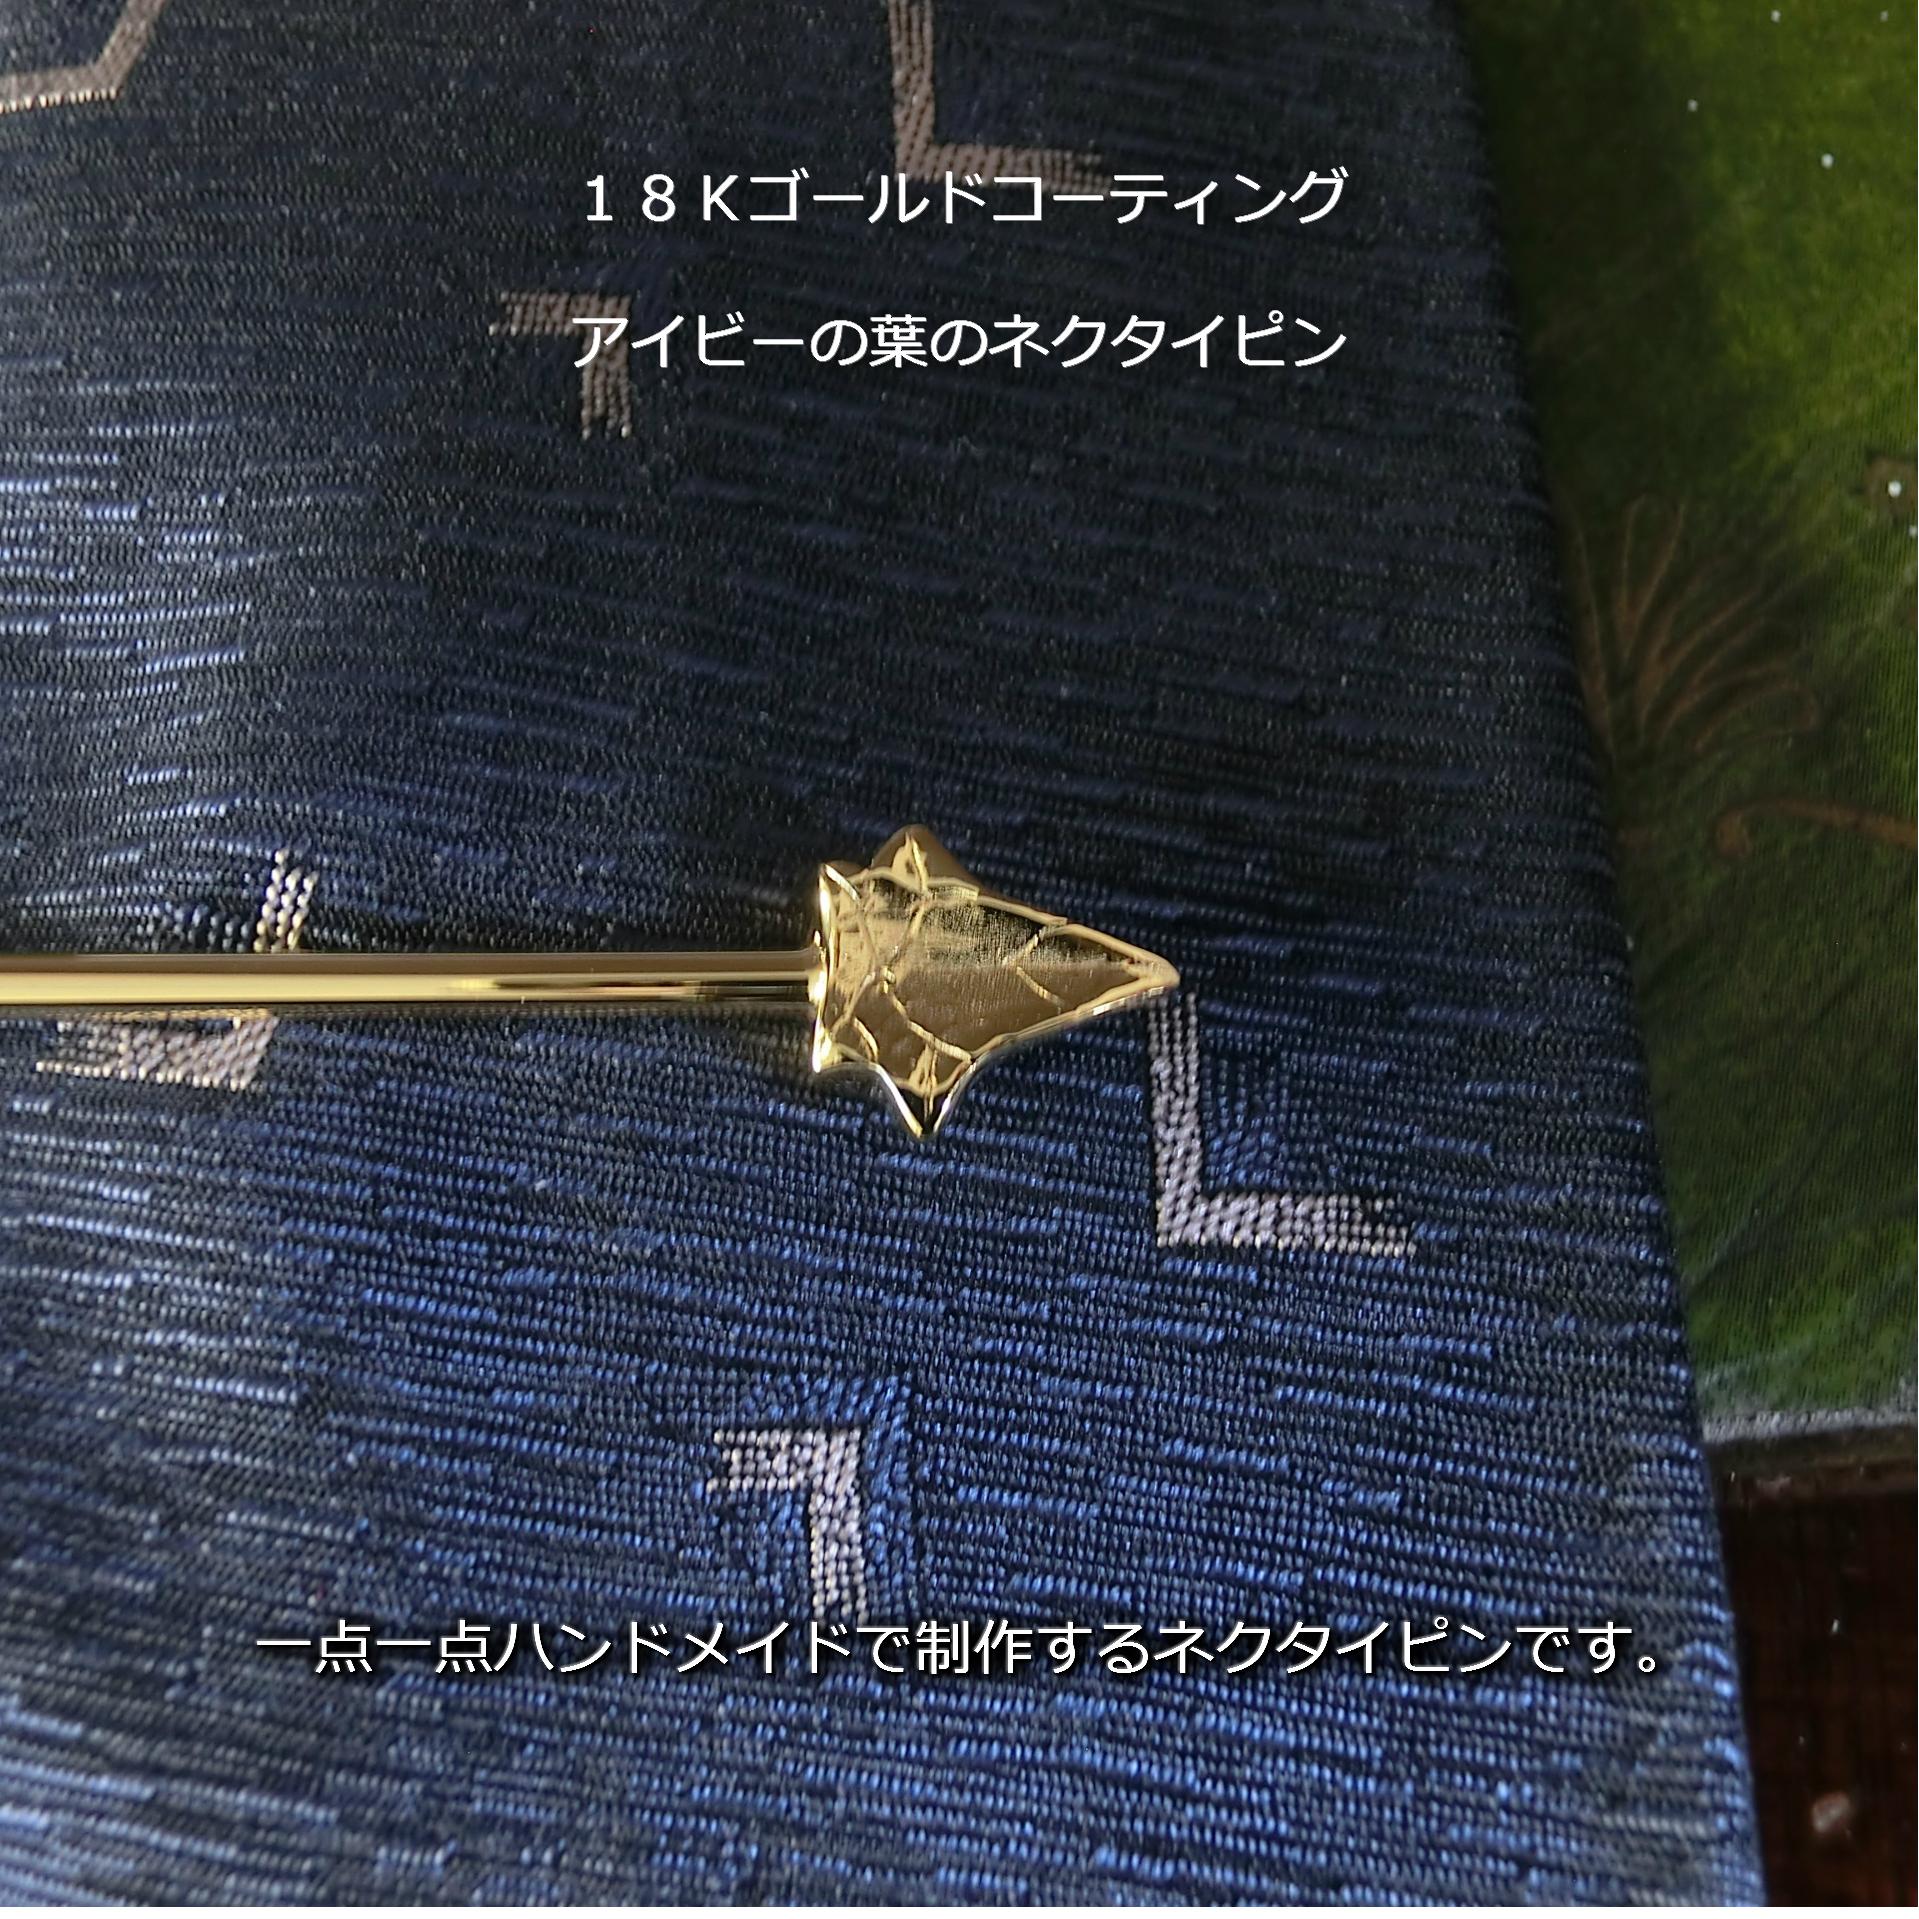 MASCOT TIE PIN -Gold ivy- アイビーのネクタイピン ゴールド